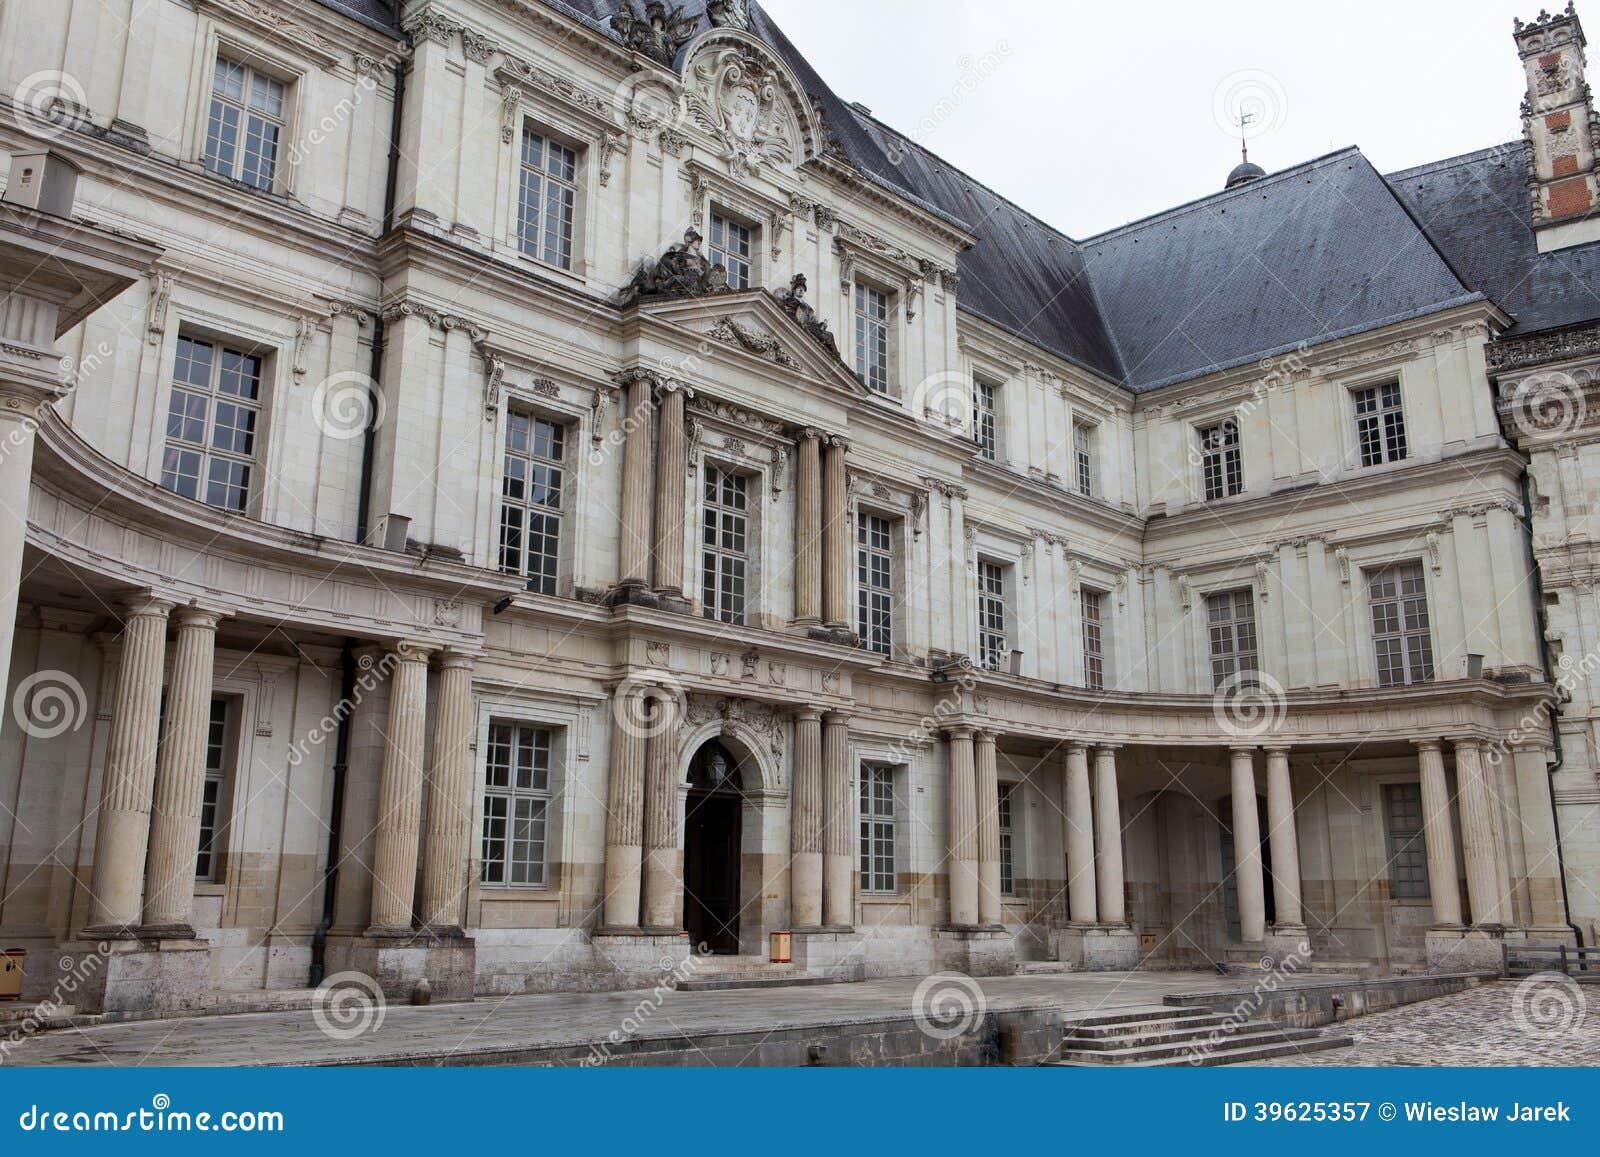 Sites De Rencontres Vraiment Gratuits Et Plan Q Reims, Falaise